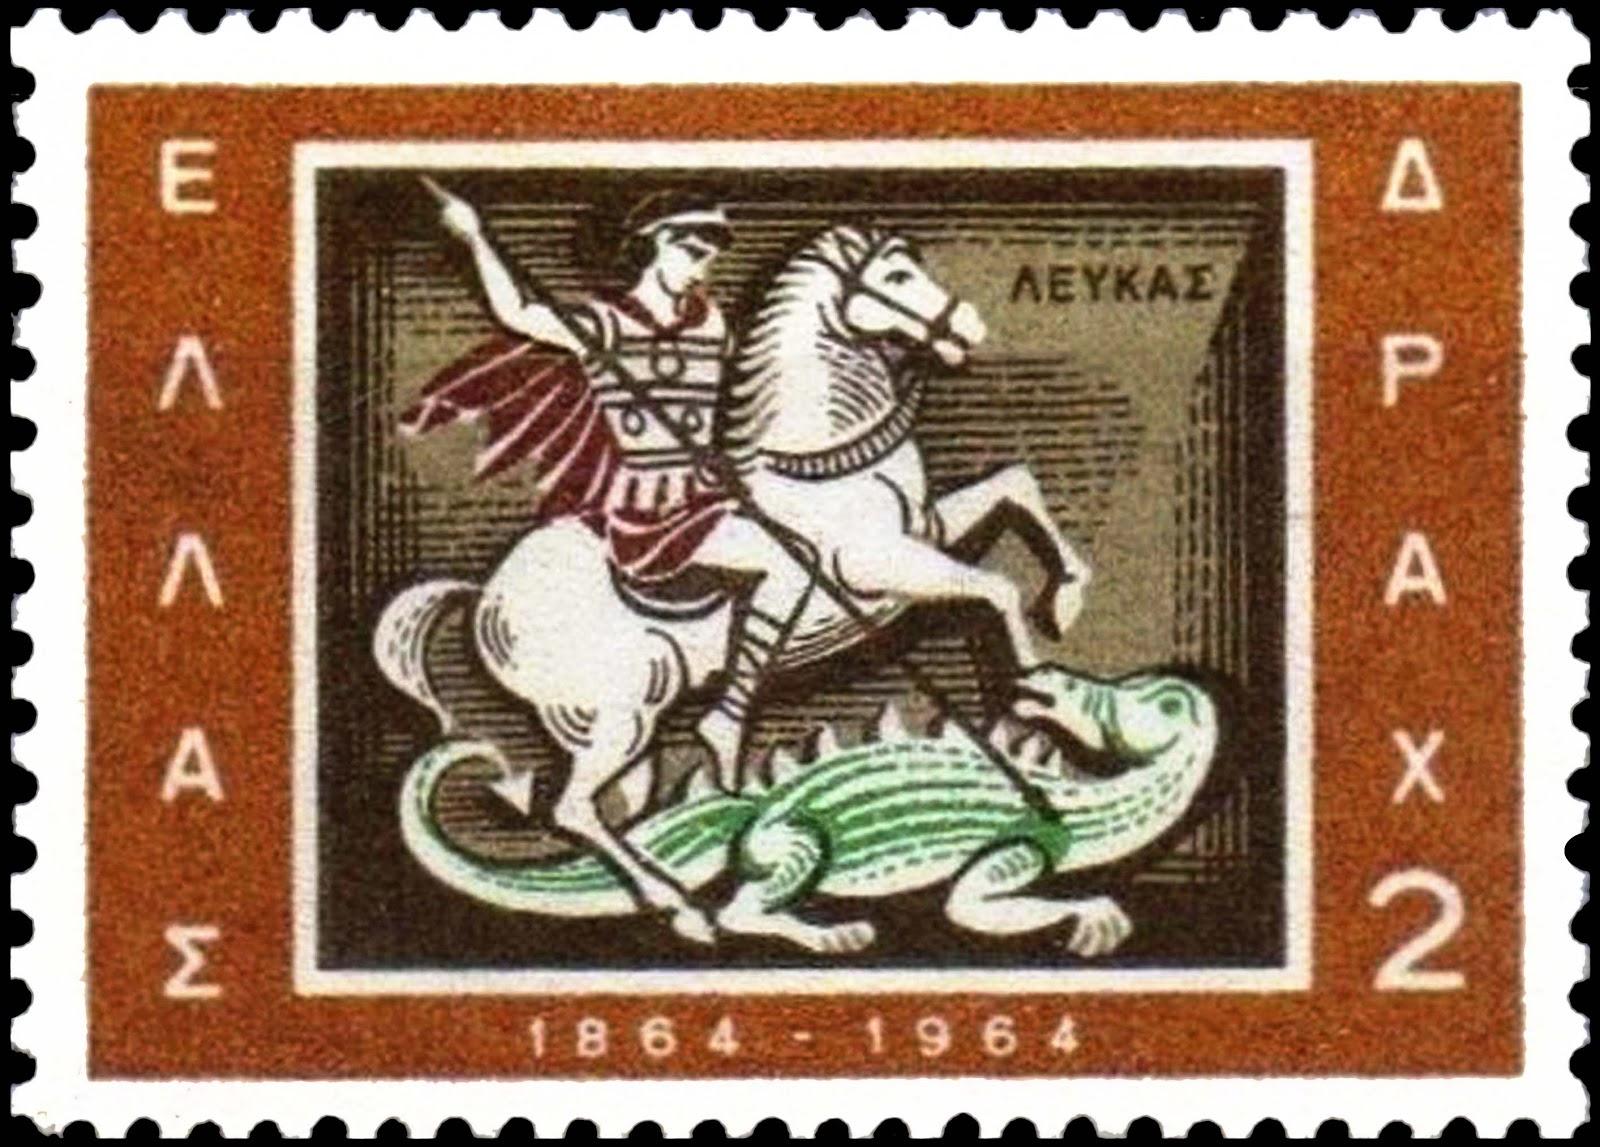 https://stamps-gr.blogspot.gr/